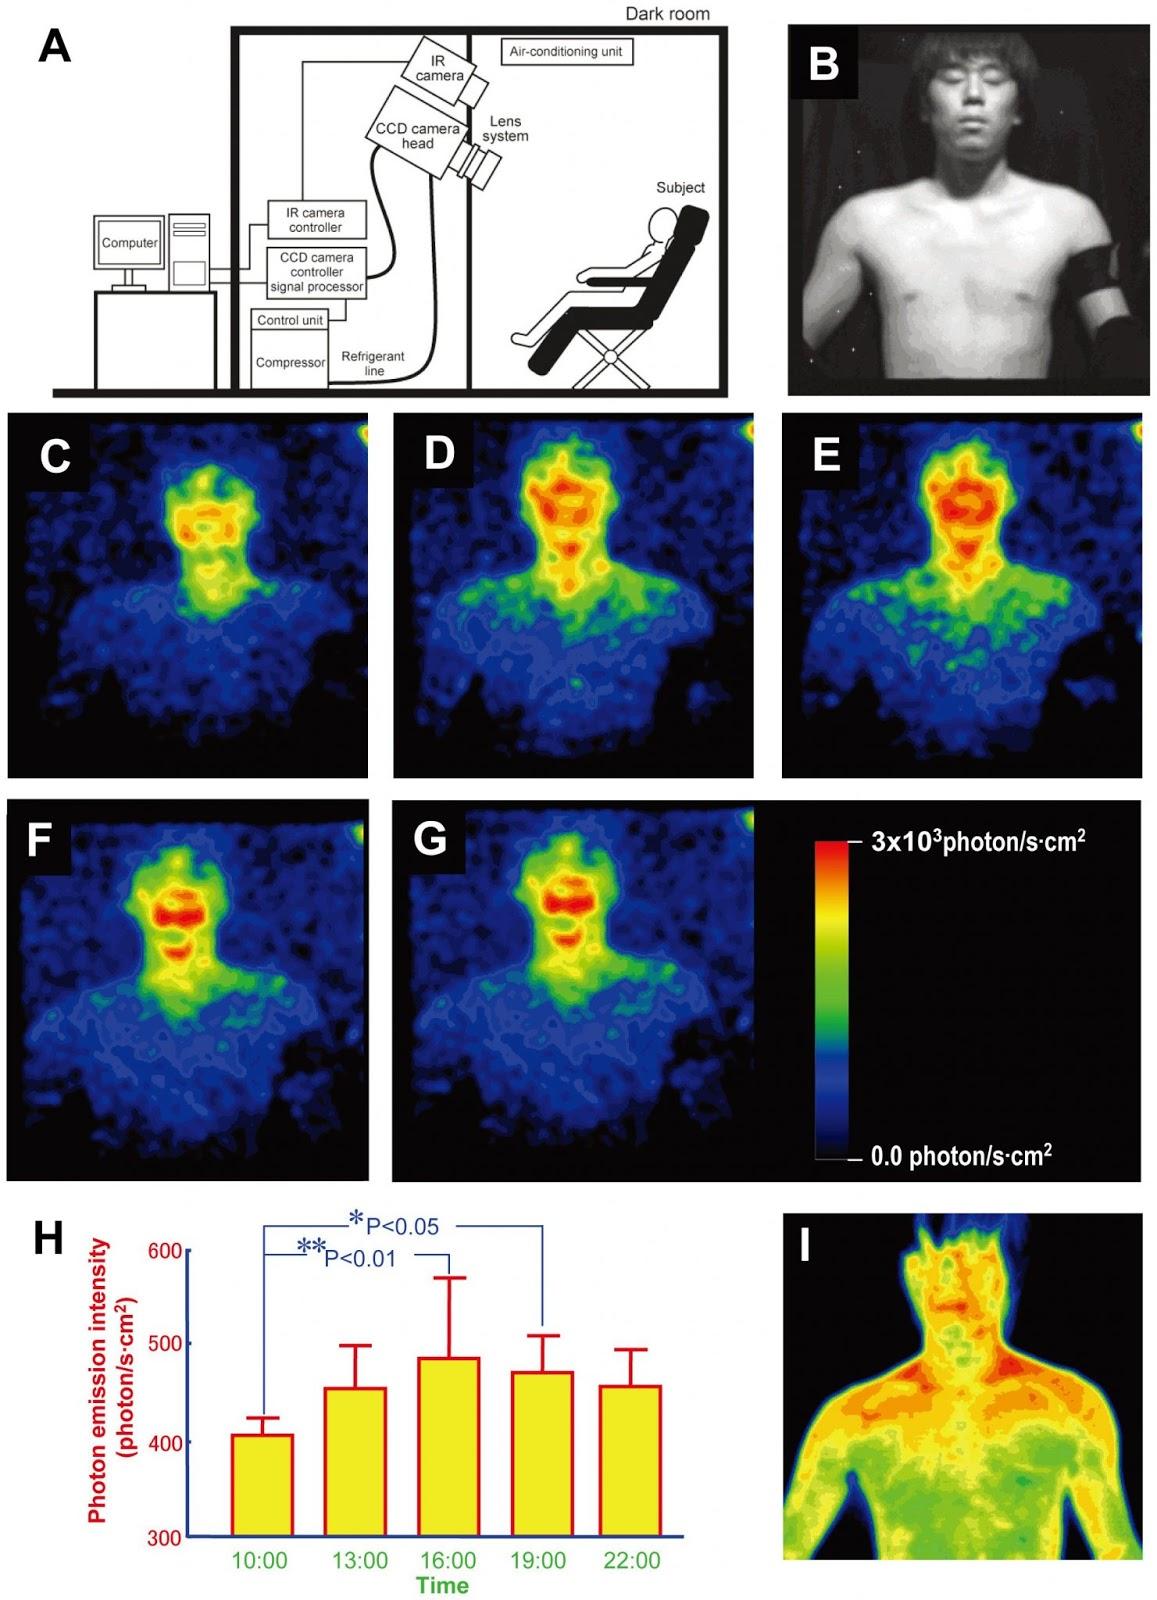 Sơ đồ minh họa thí nghiệm cho thấy: Cơ thể con người, đặc biệt là khuôn mặt, phát ra ánh sáng khả kiến với số lượng nhỏ thay đổi trong ngày. B là một tình nguyện viên được thử nghiệm. Các hình ảnh khác cho thấy sự phát xạ yếu của ánh sáng khả kiến trong điều kiện hoàn toàn tối. Biểu đồ tương ứng với các hình ảnh và cho thấy mức phát quang thay đổi trong ngày. Hình ảnh cuối cùng (I) là hình ảnh hồng ngoại của tình nguyện viên thể hiện sự phát xạ nhiệt. (Ảnh: Học viện công nghệ Tohoku - Đại học Kyoto)